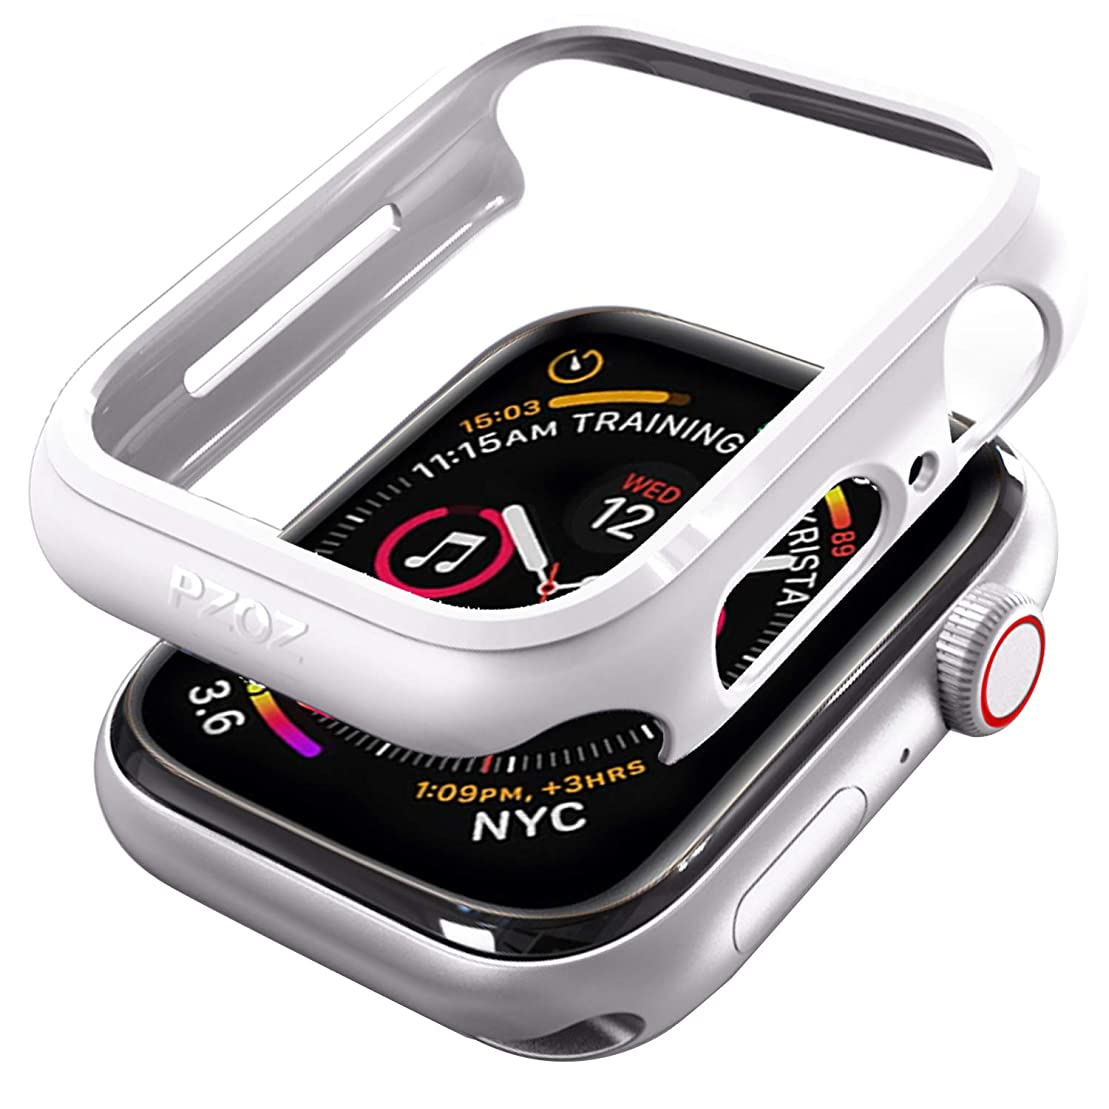 水曜日その間目立つPZOZ Apple Watch 4 44mm ケース アップルウォッチ カバー PC軽量超簿 耐衝撃性 Apple Watch Series 4 44mm 対応(ホワイト)